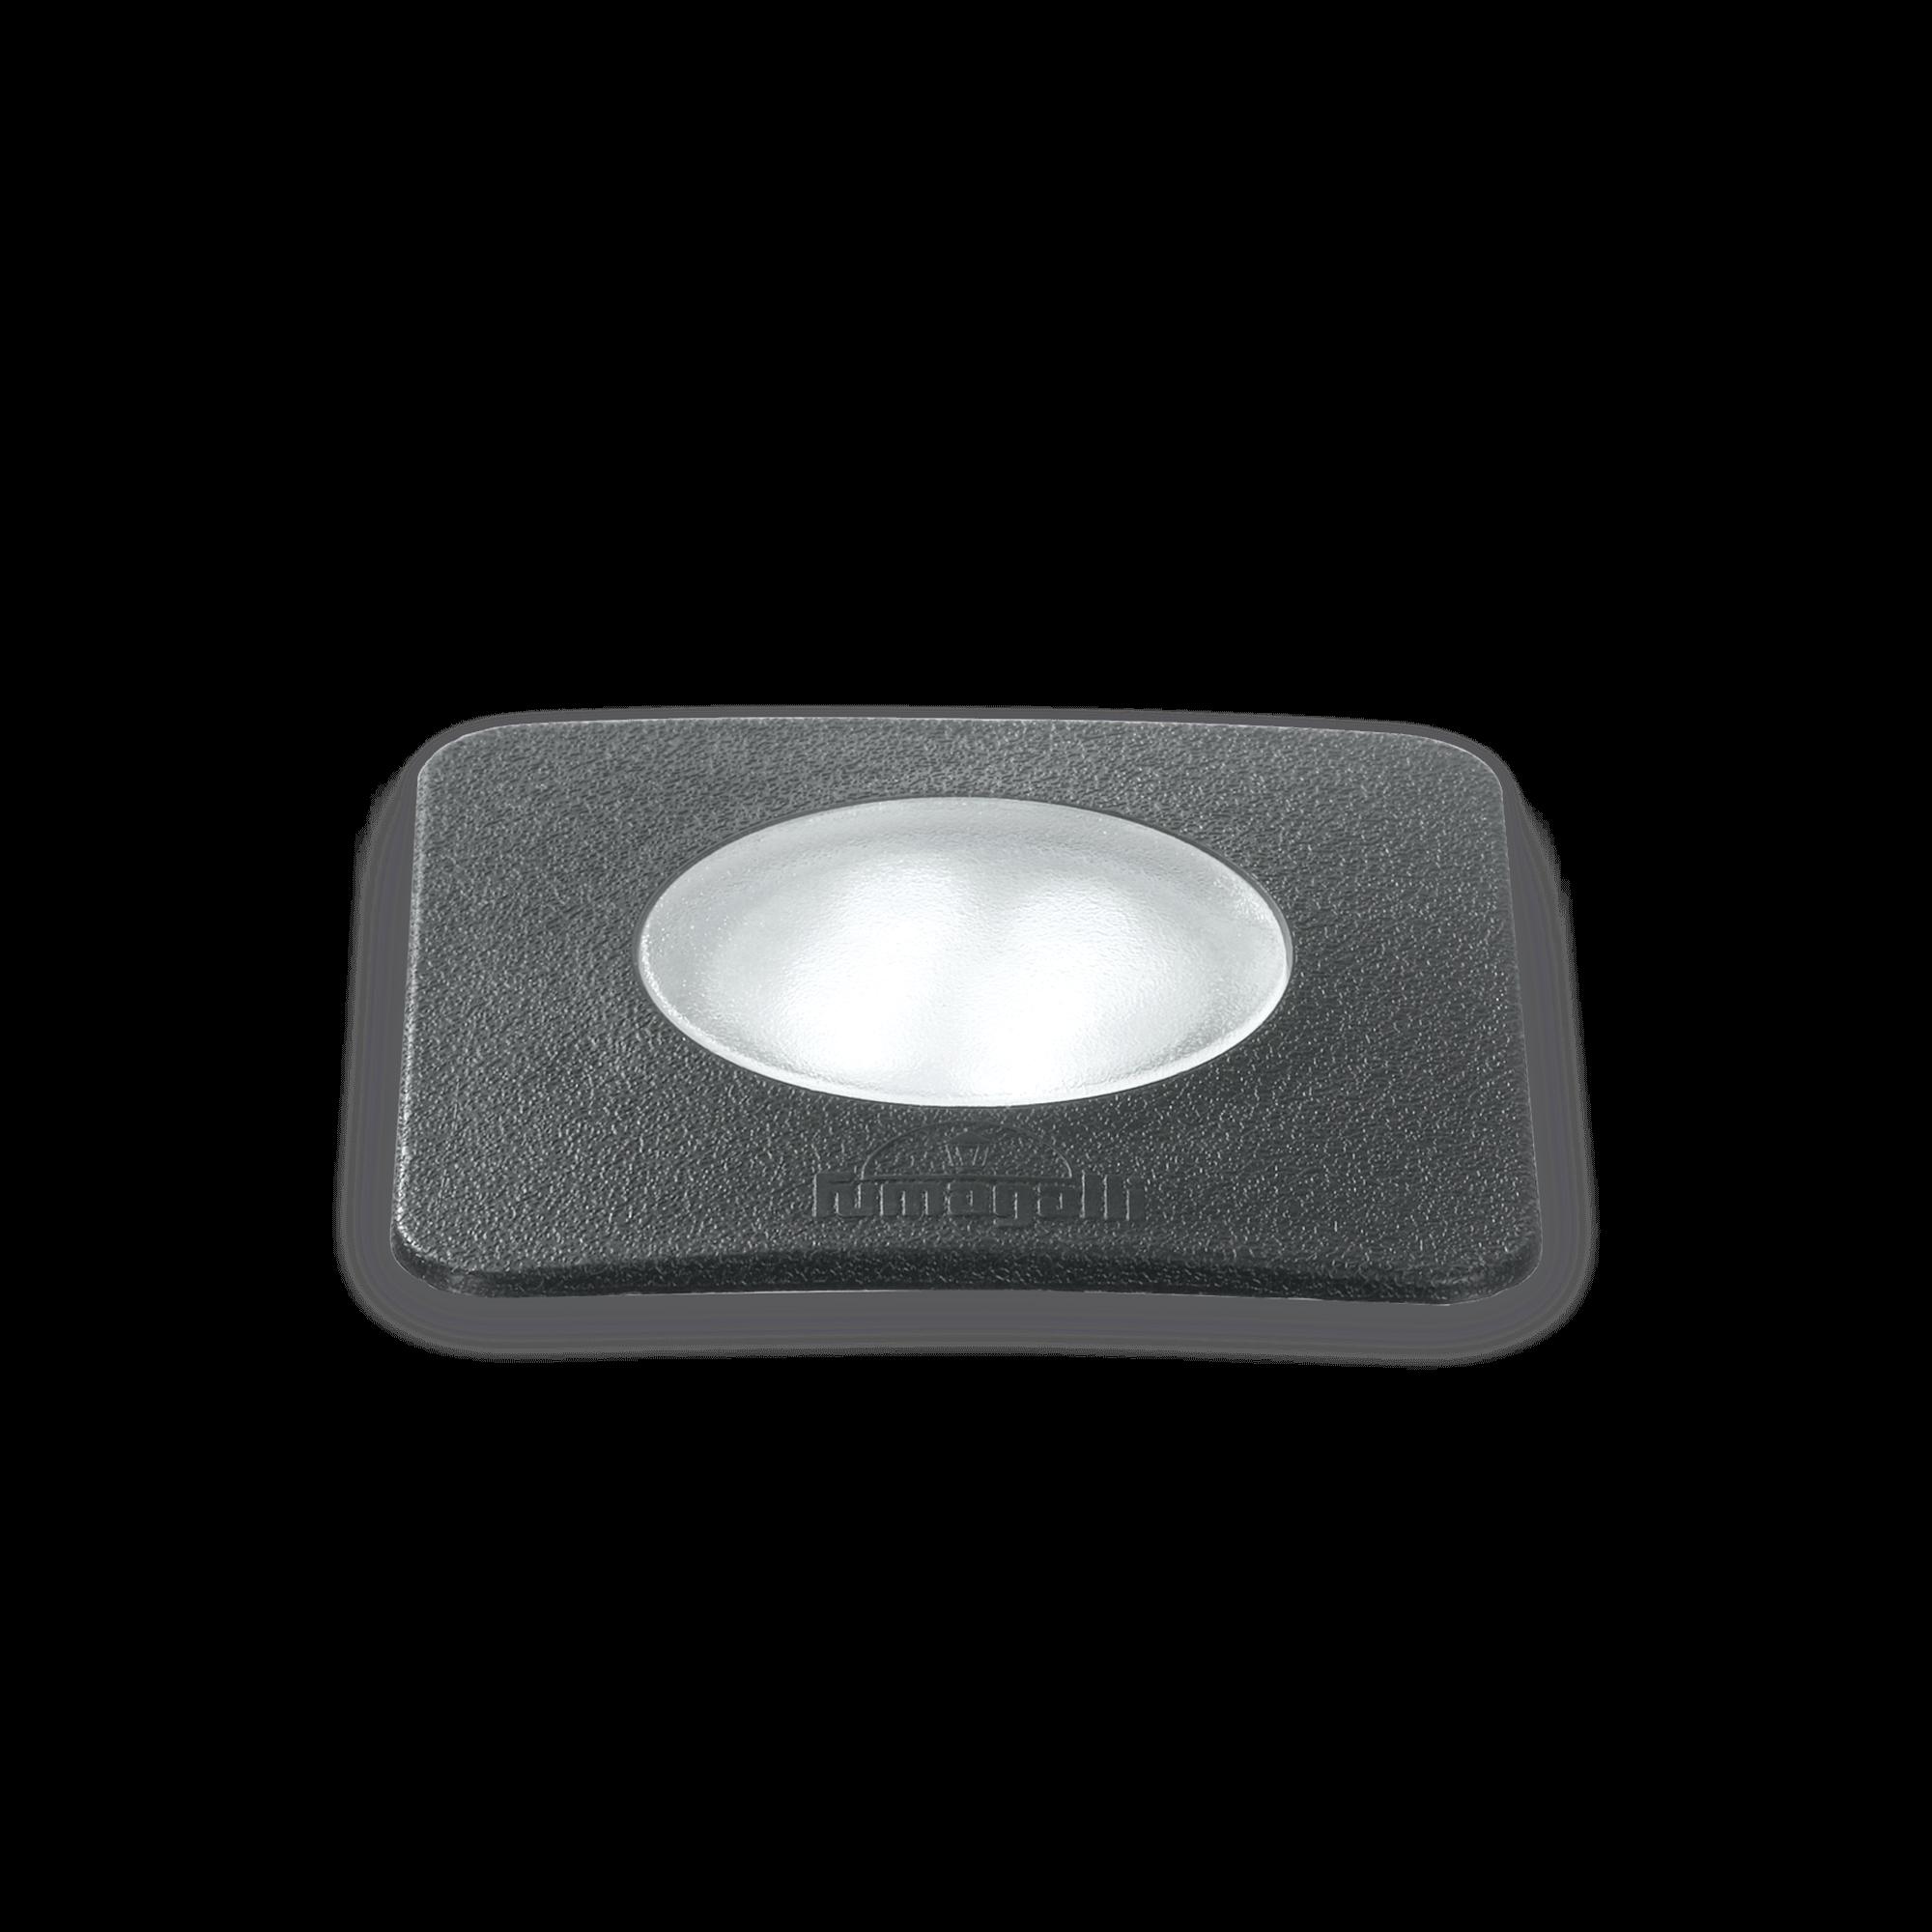 Exteriérové zápustné svítidlo Ideal lux 120317 CECI PT1 SQUARE SMALL 1xGU10 6W 4000K IP67